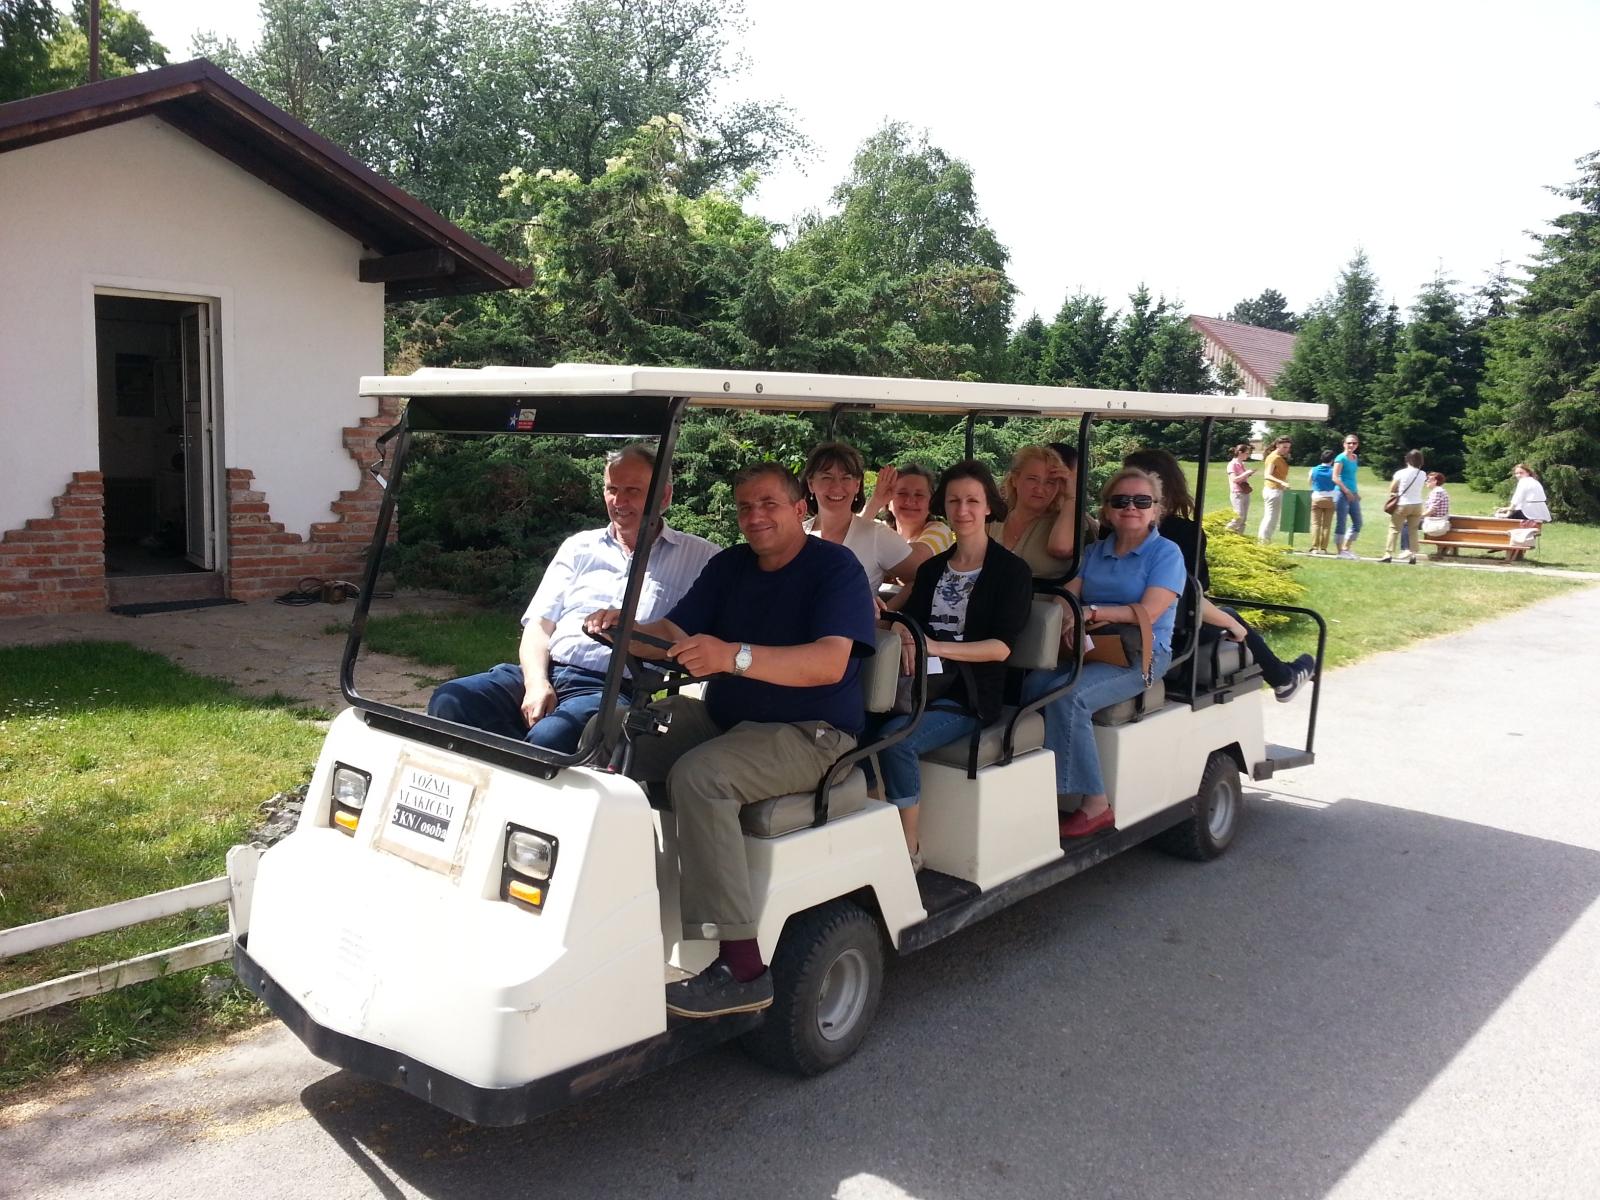 Slavonija: Višnjica: vožnja vlakićem